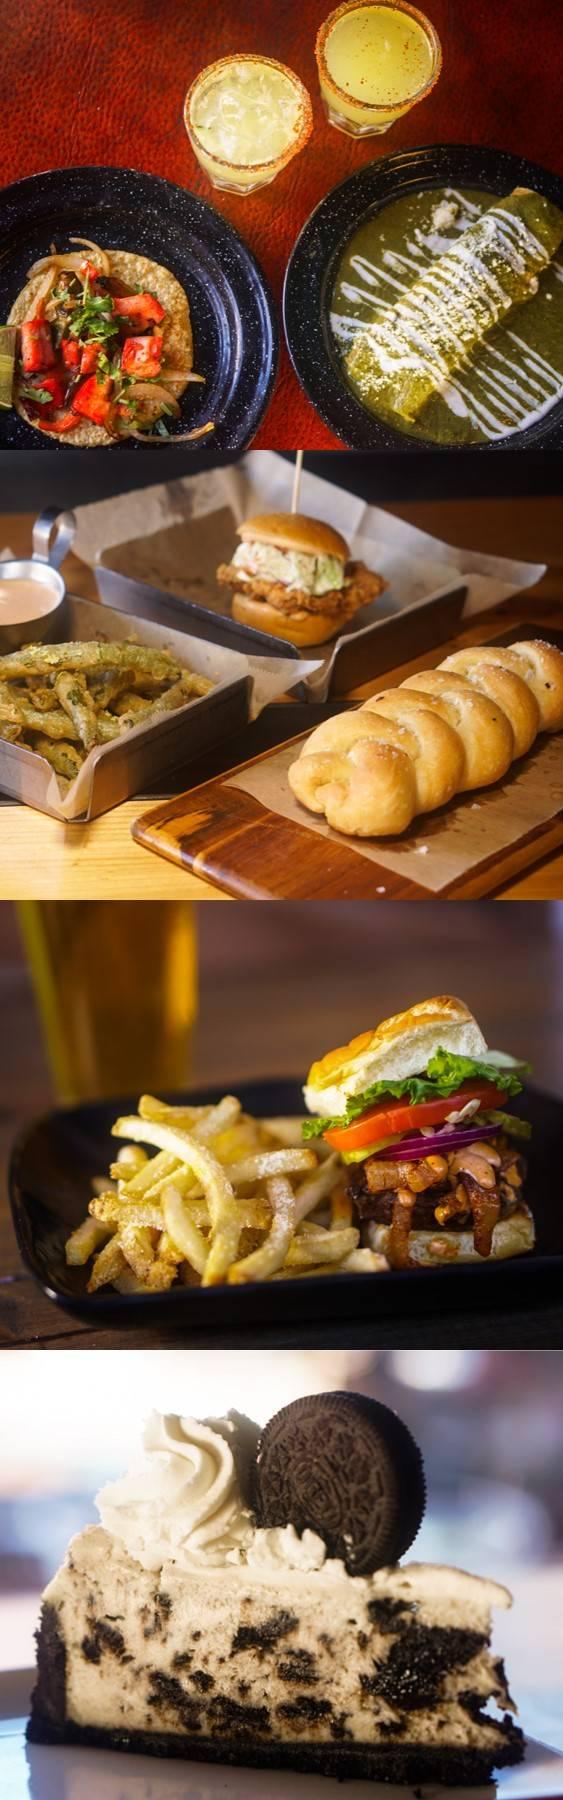 TastePro Food Tour San Diego North Park Bliss